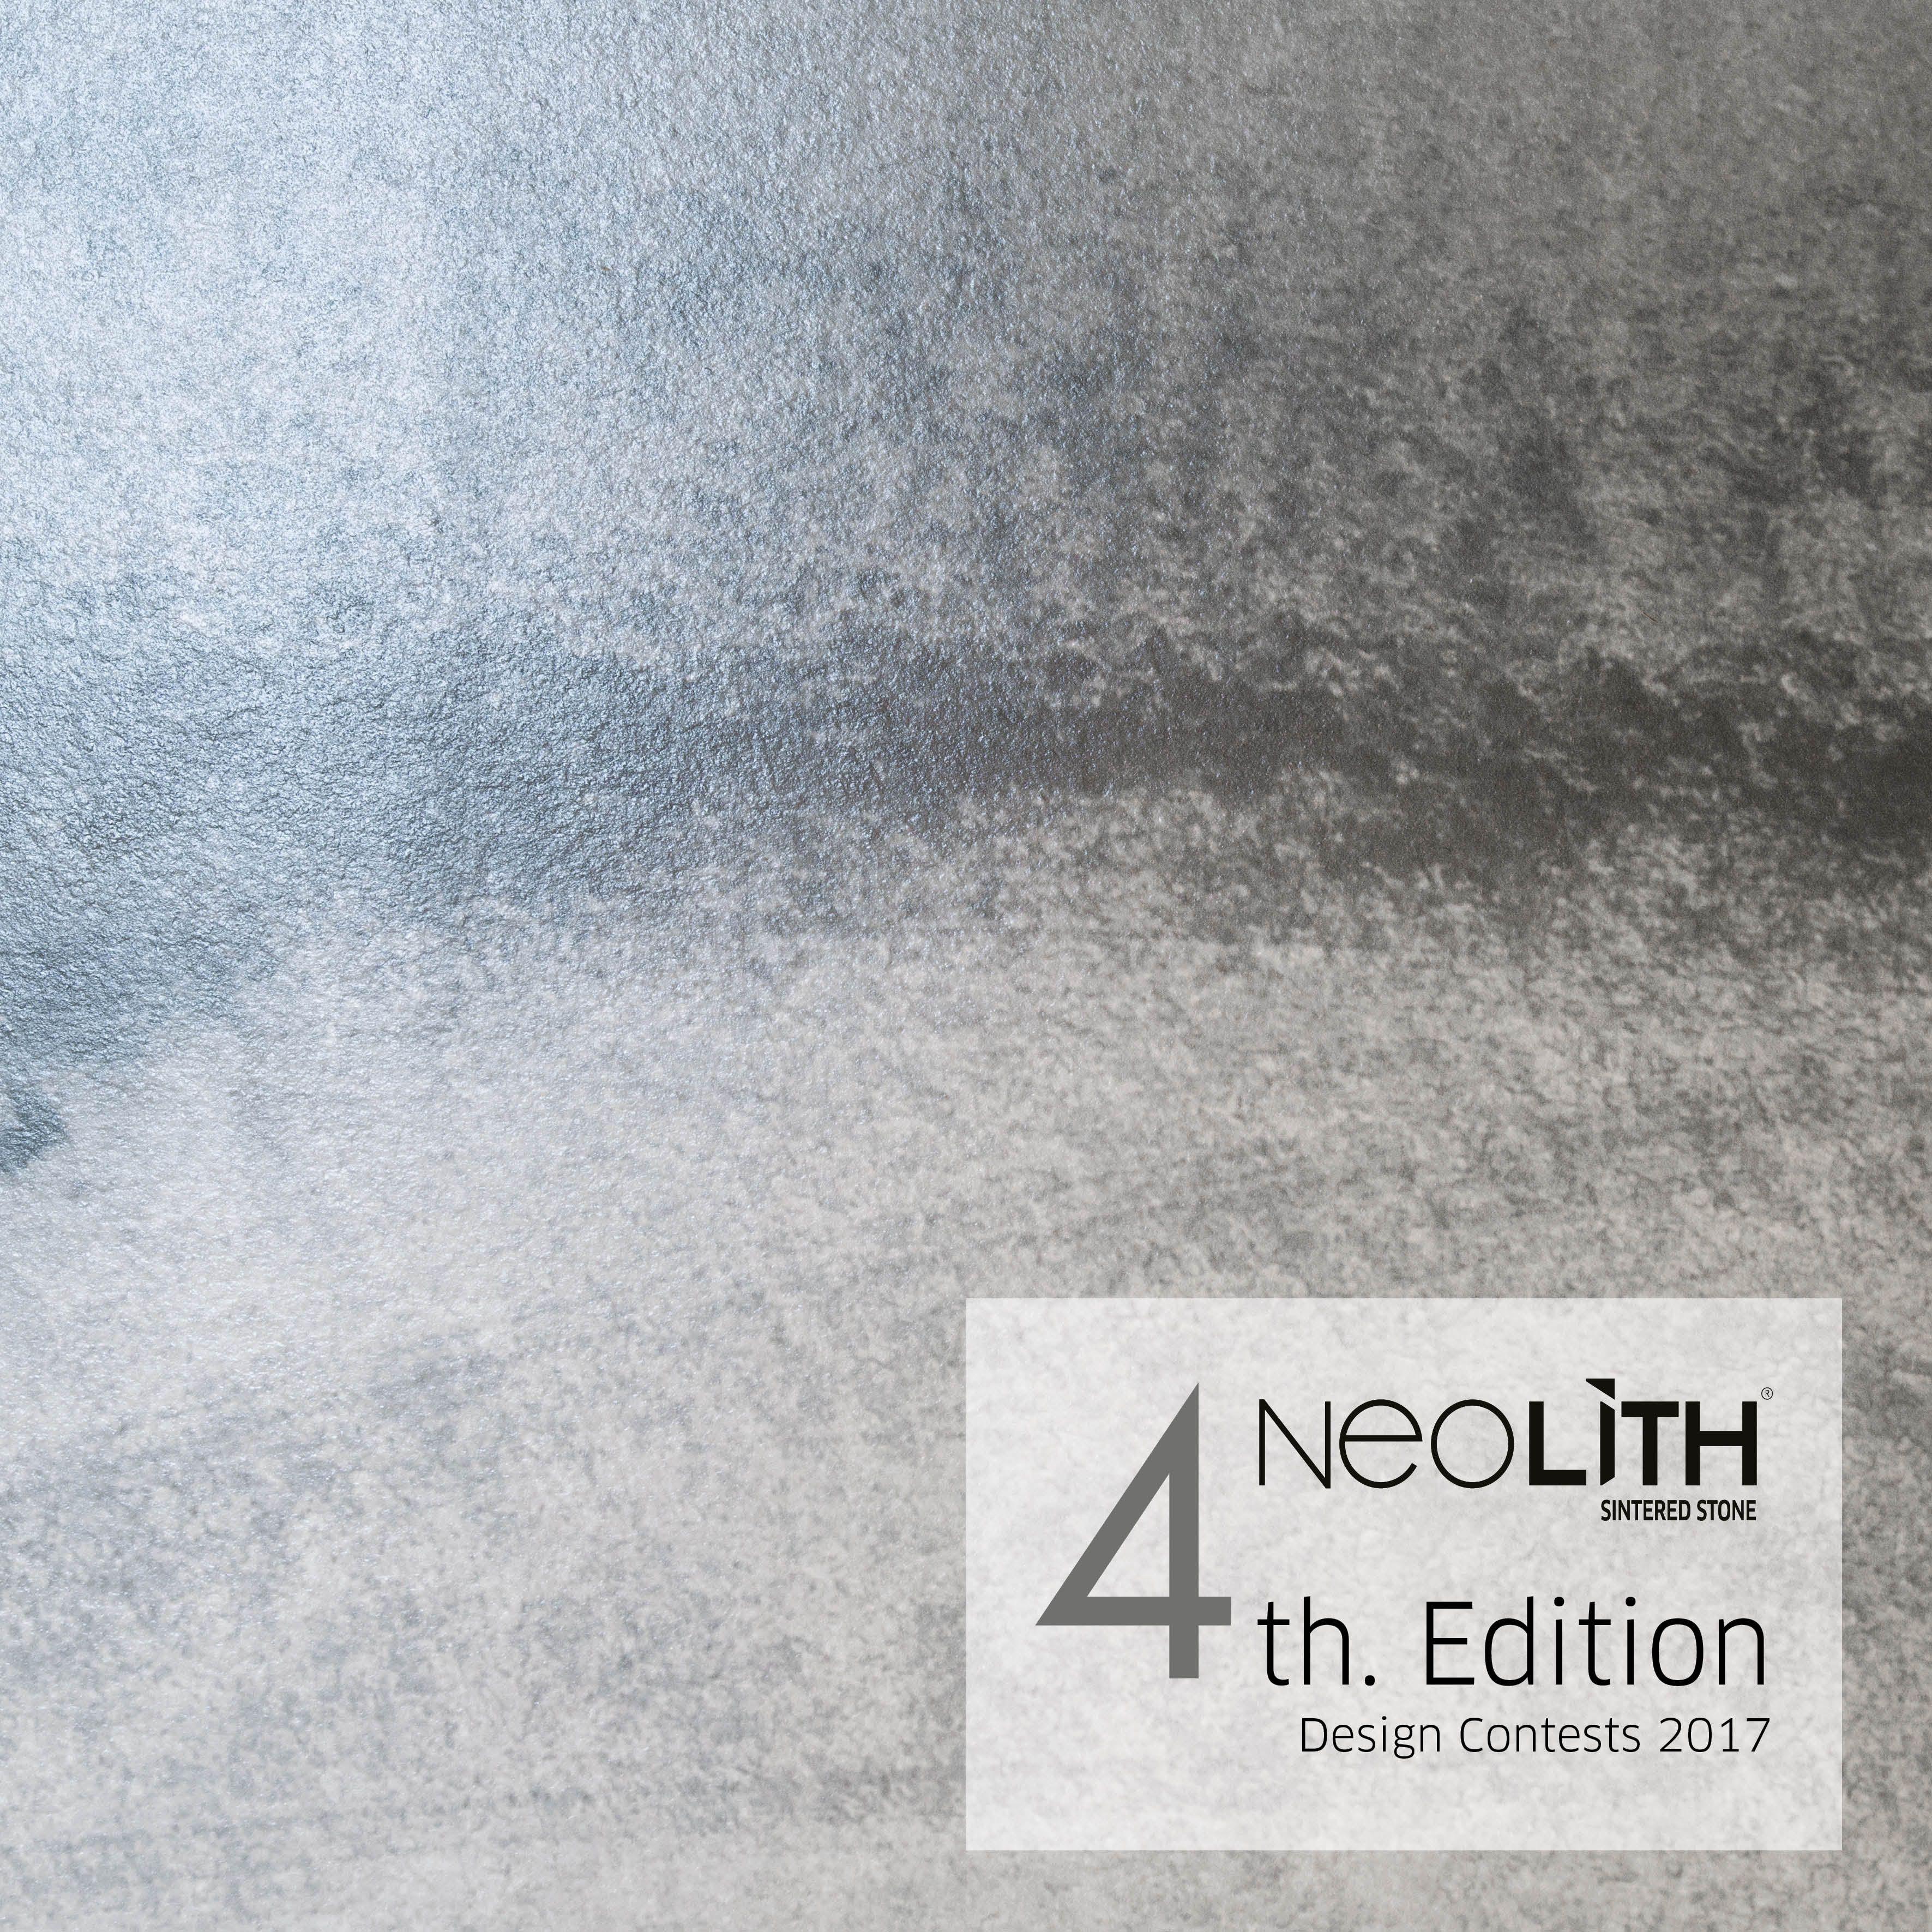 Concursos De Dise O Neolith, 4A Edici N  Diariodesigncom